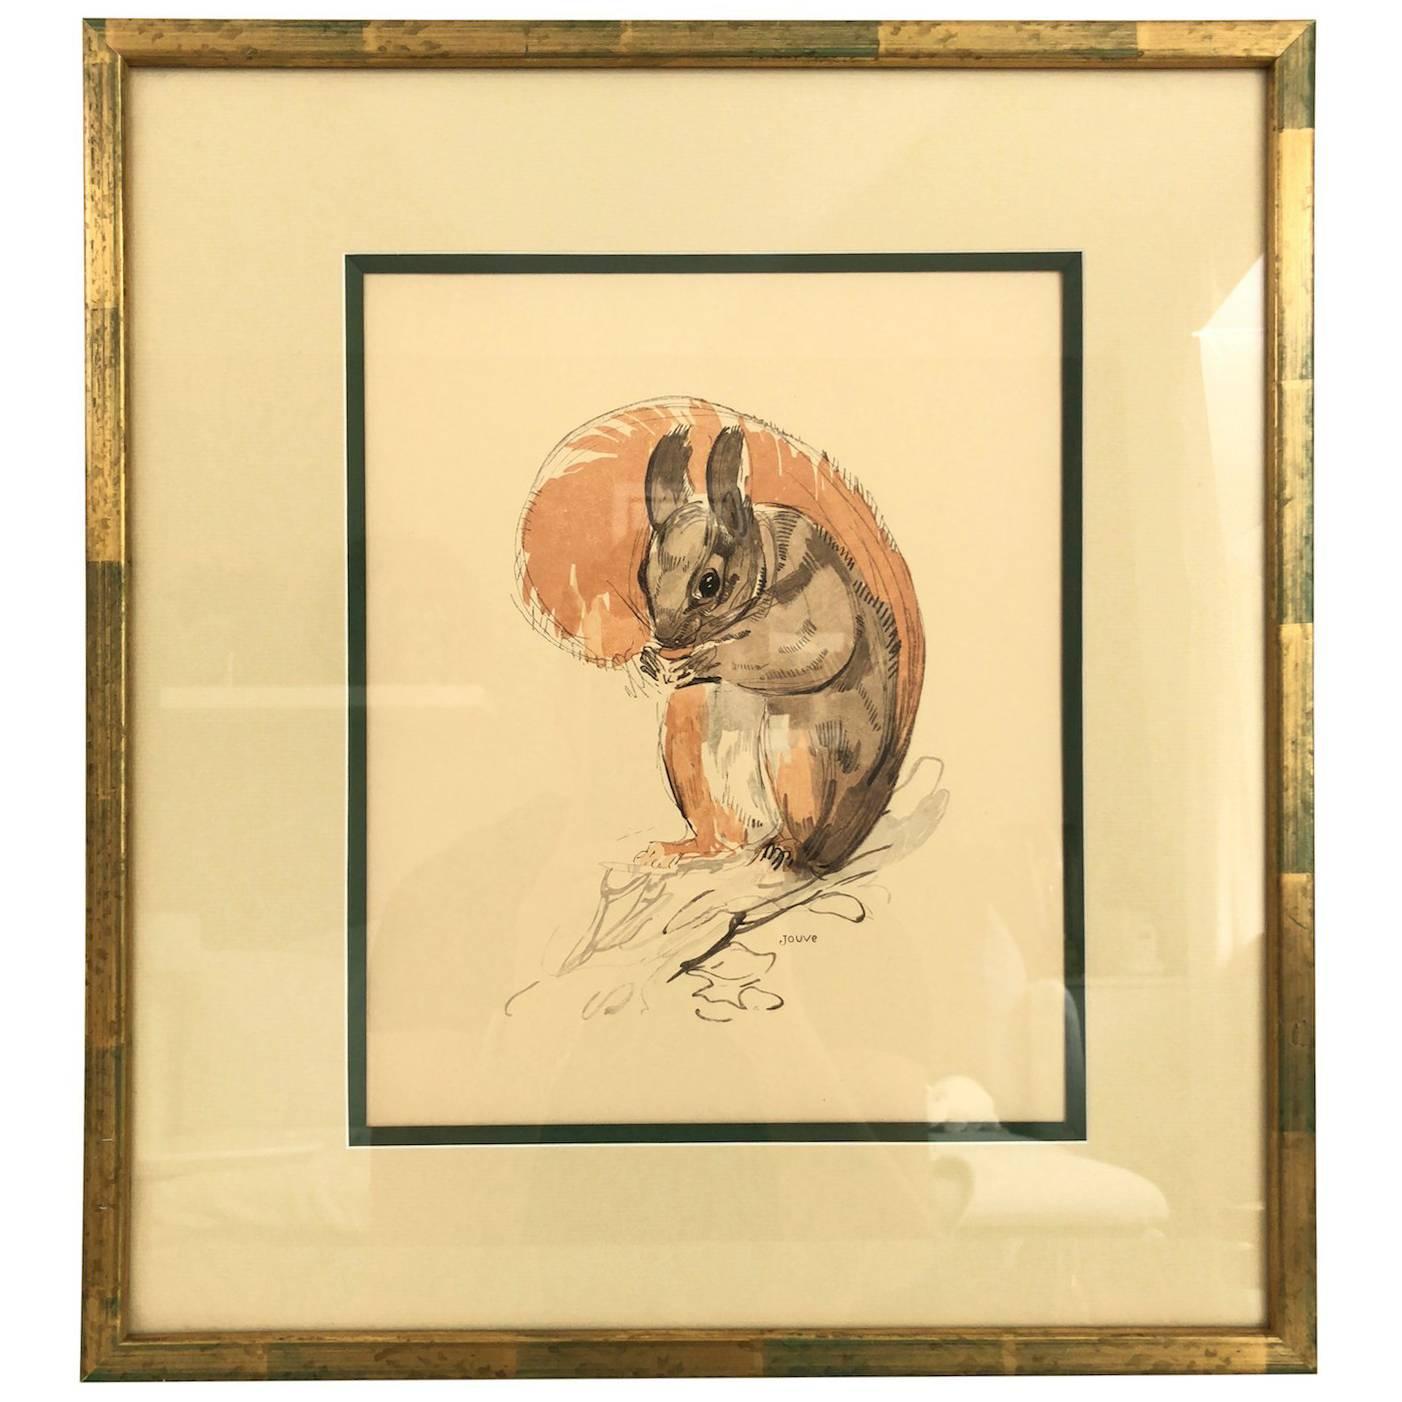 L'écureuil, Squirrel, Lithograph by Paul Jouve, France 1932